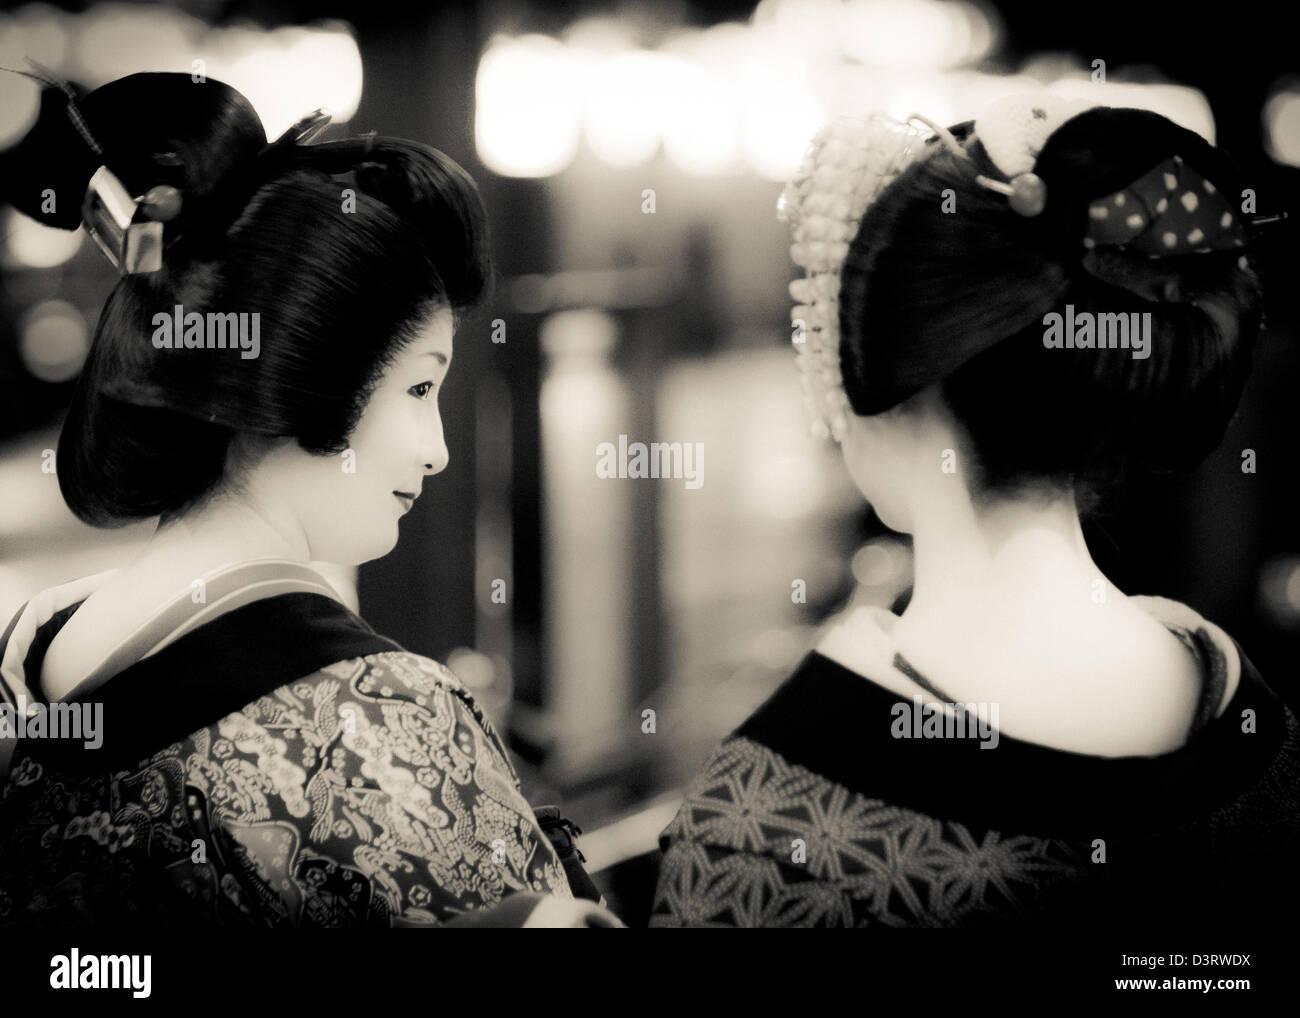 Geishas nas ruas de Quioto, Japão Imagens de Stock